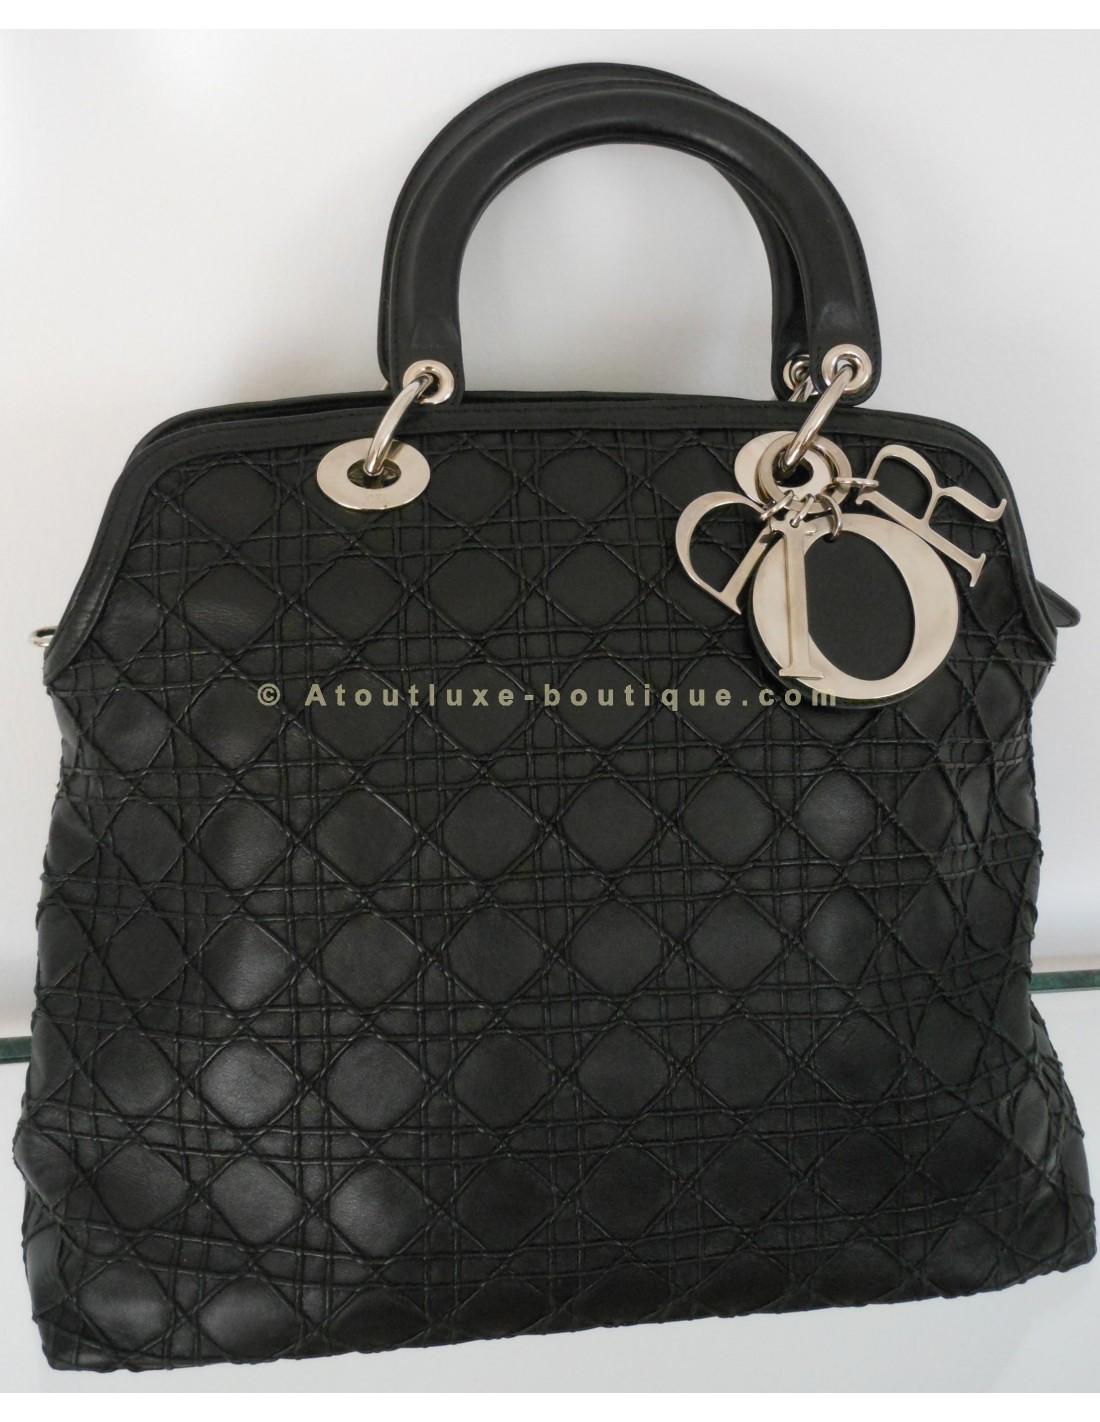 49000b371333cf SAC DIOR GRANVILLE NOIR - Atoutluxe Boutique